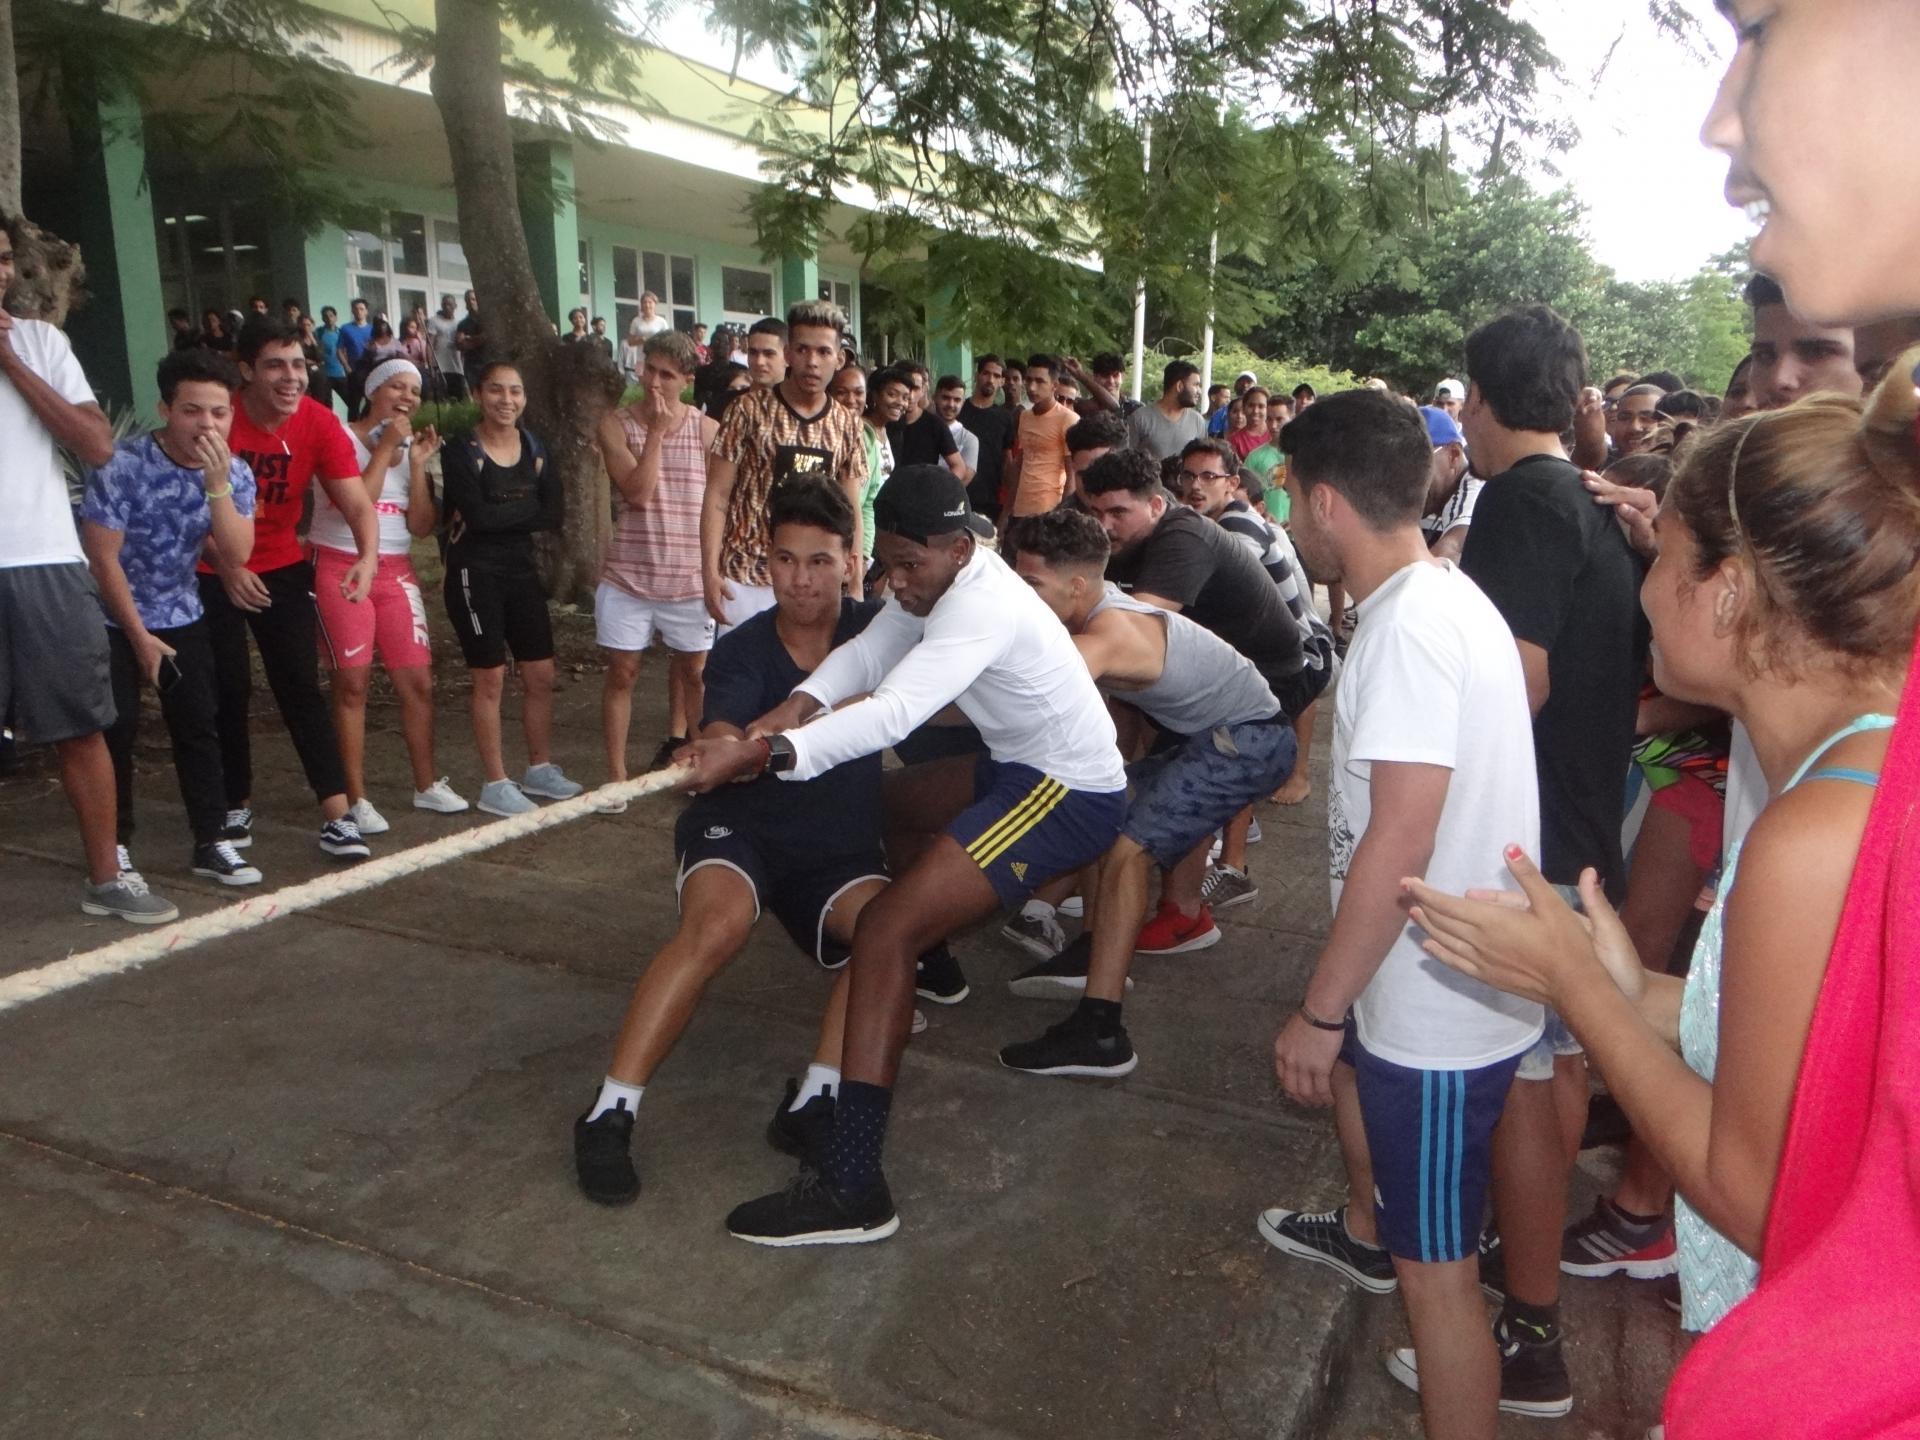 La participación de los muchachos en la tracción de la soga se adueñó del Festival Deportivo.